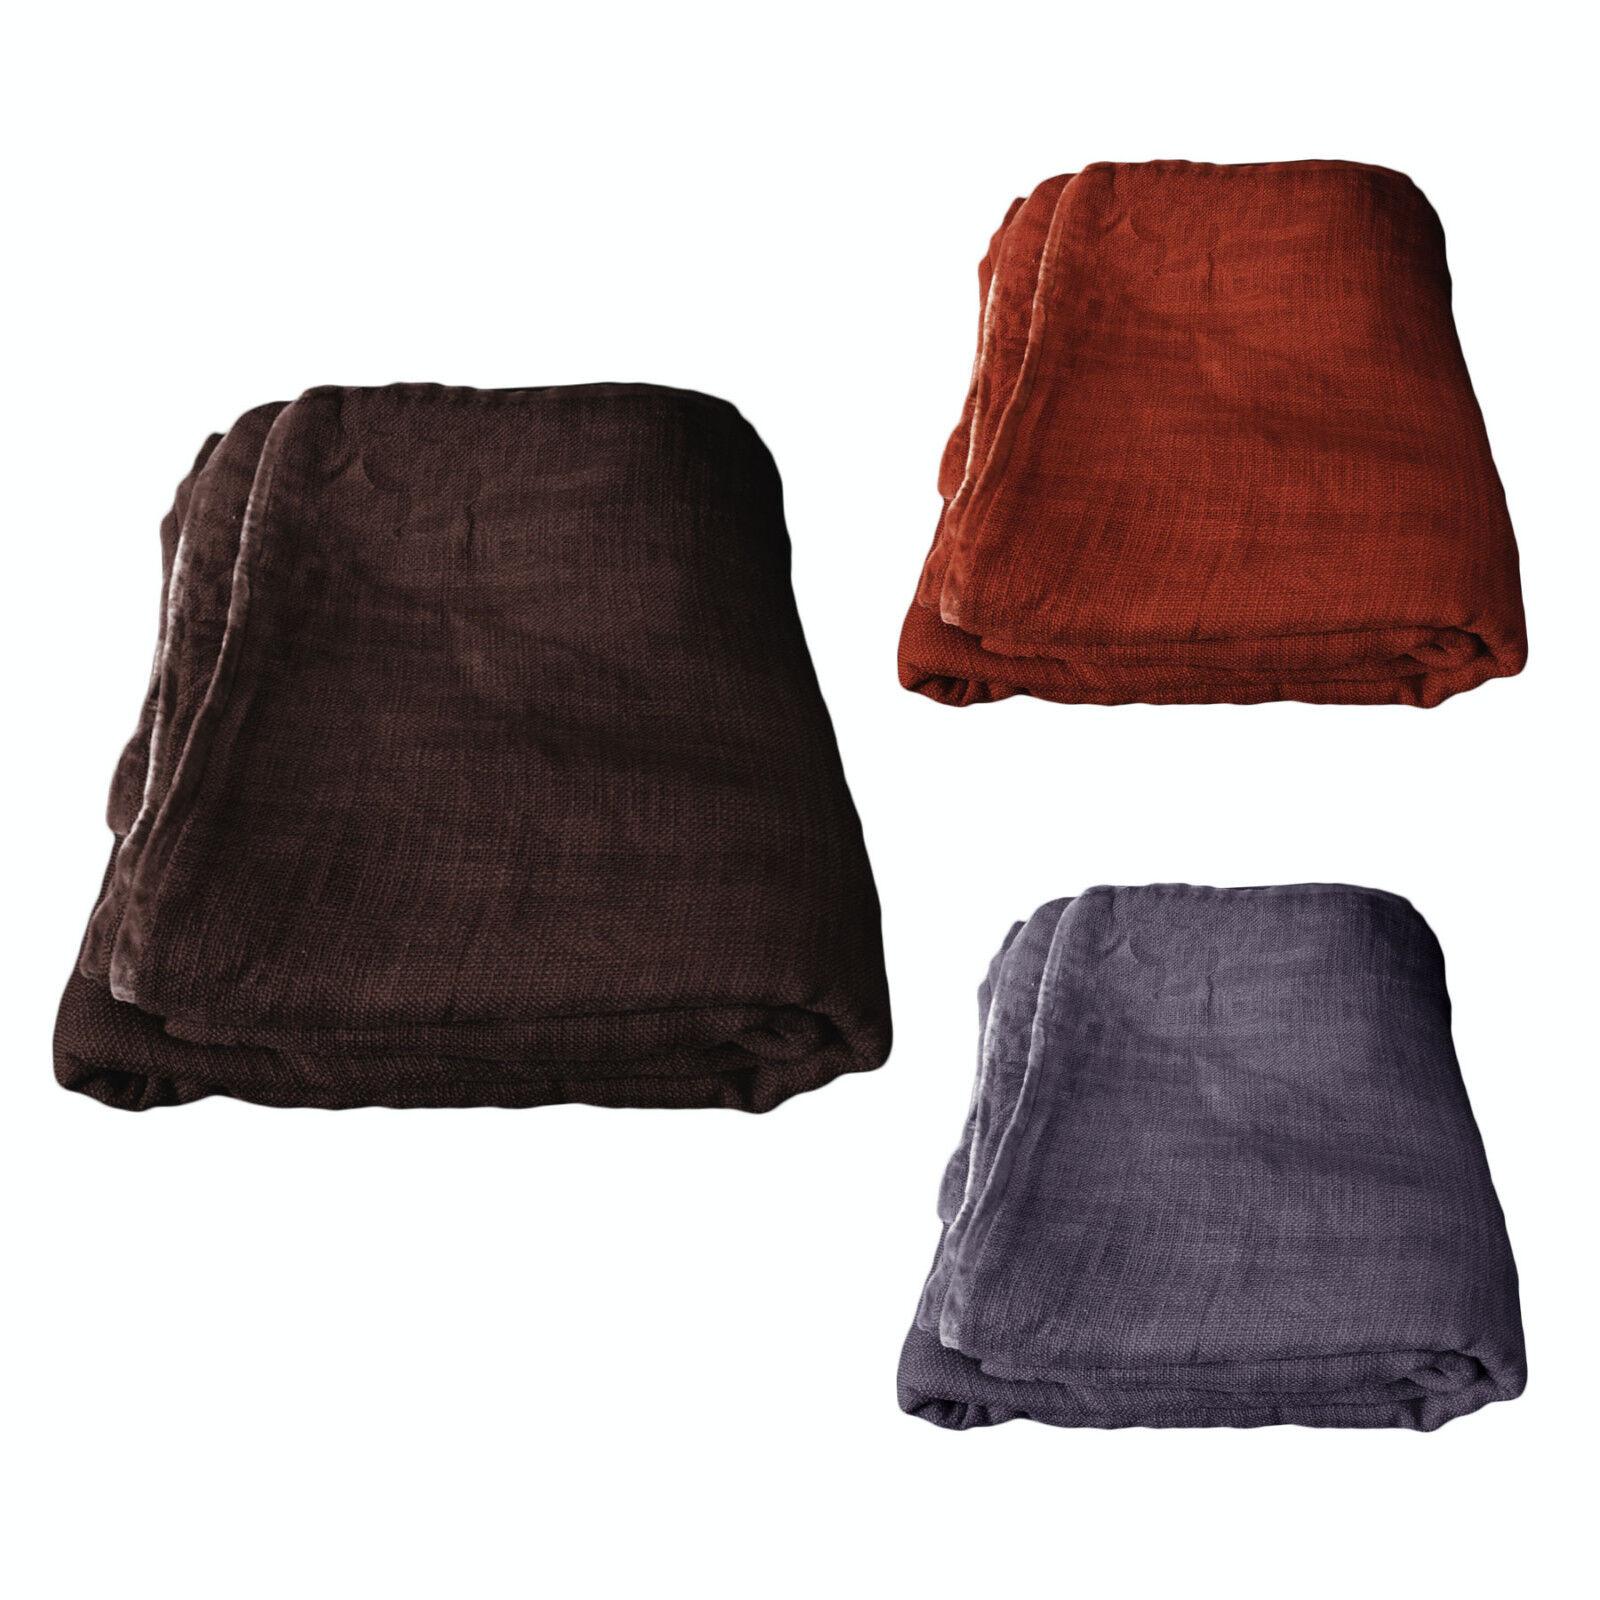 3 color Choice - Rowan 100% Cotton Blanket - SINGLE QUEEN